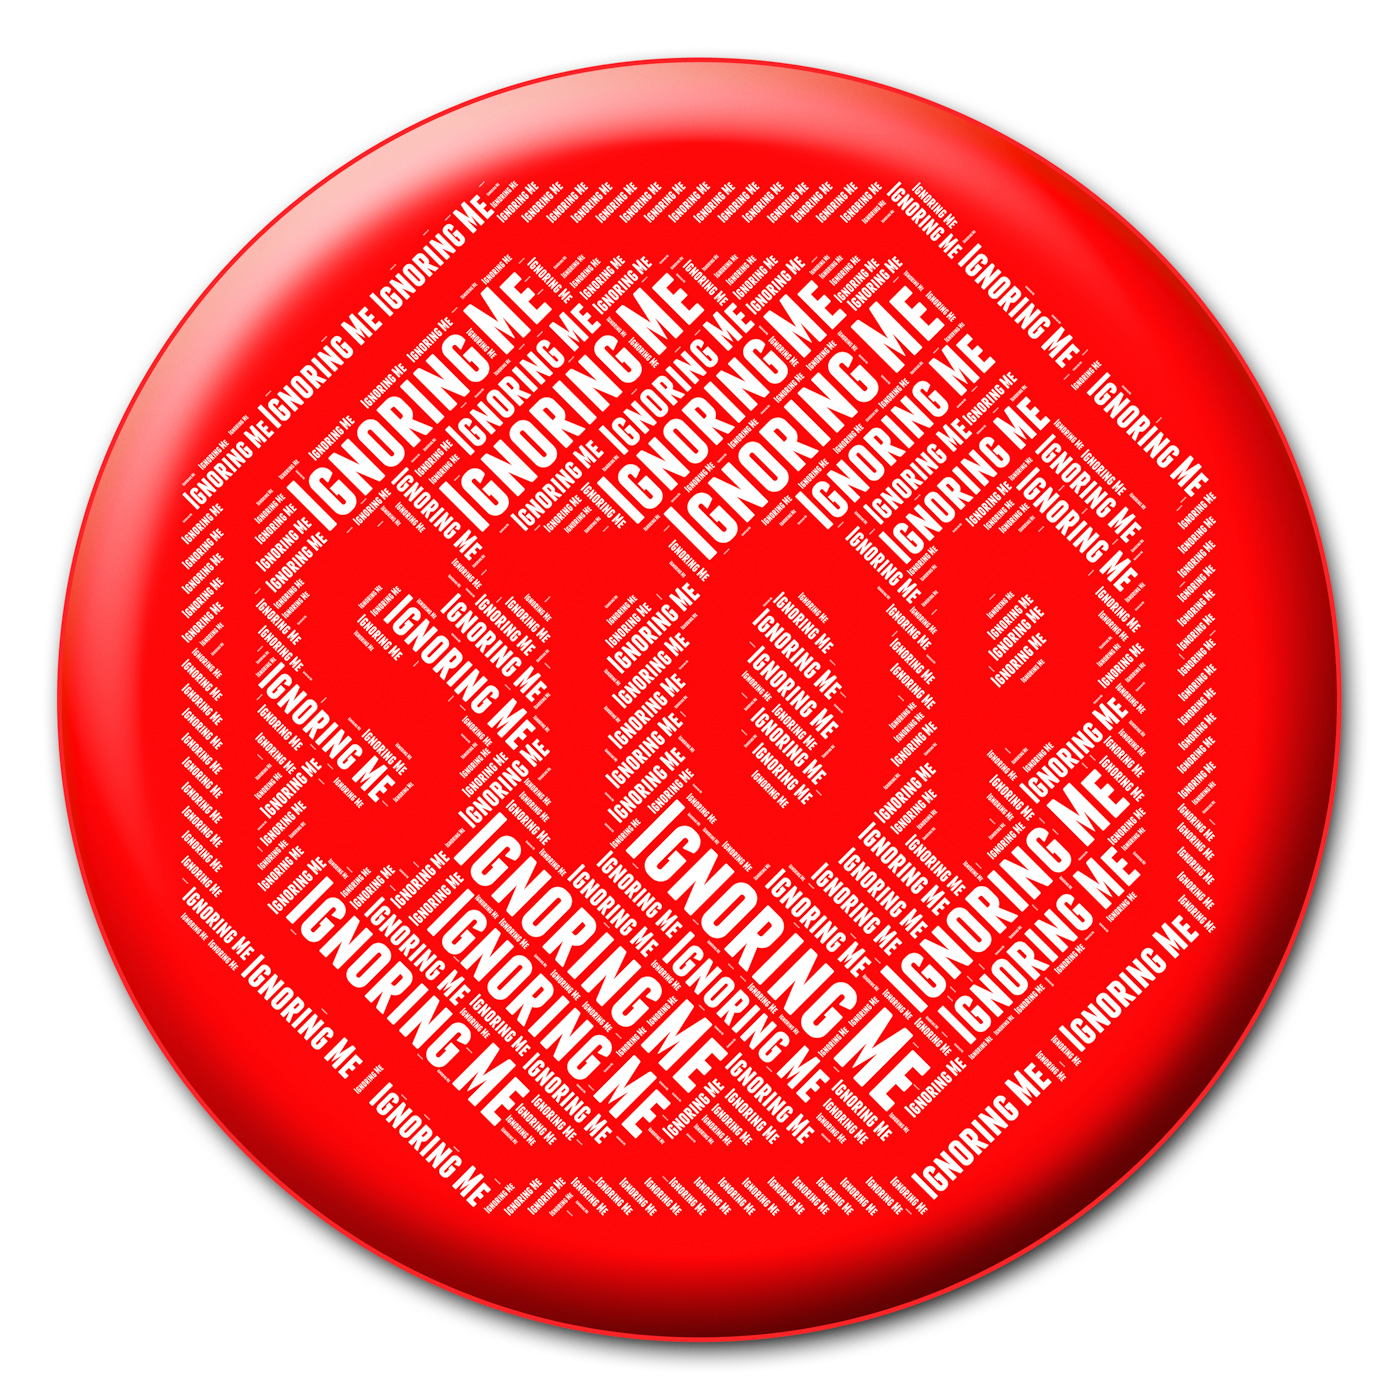 Stop ignoring me indicates warning sign and disregards photo